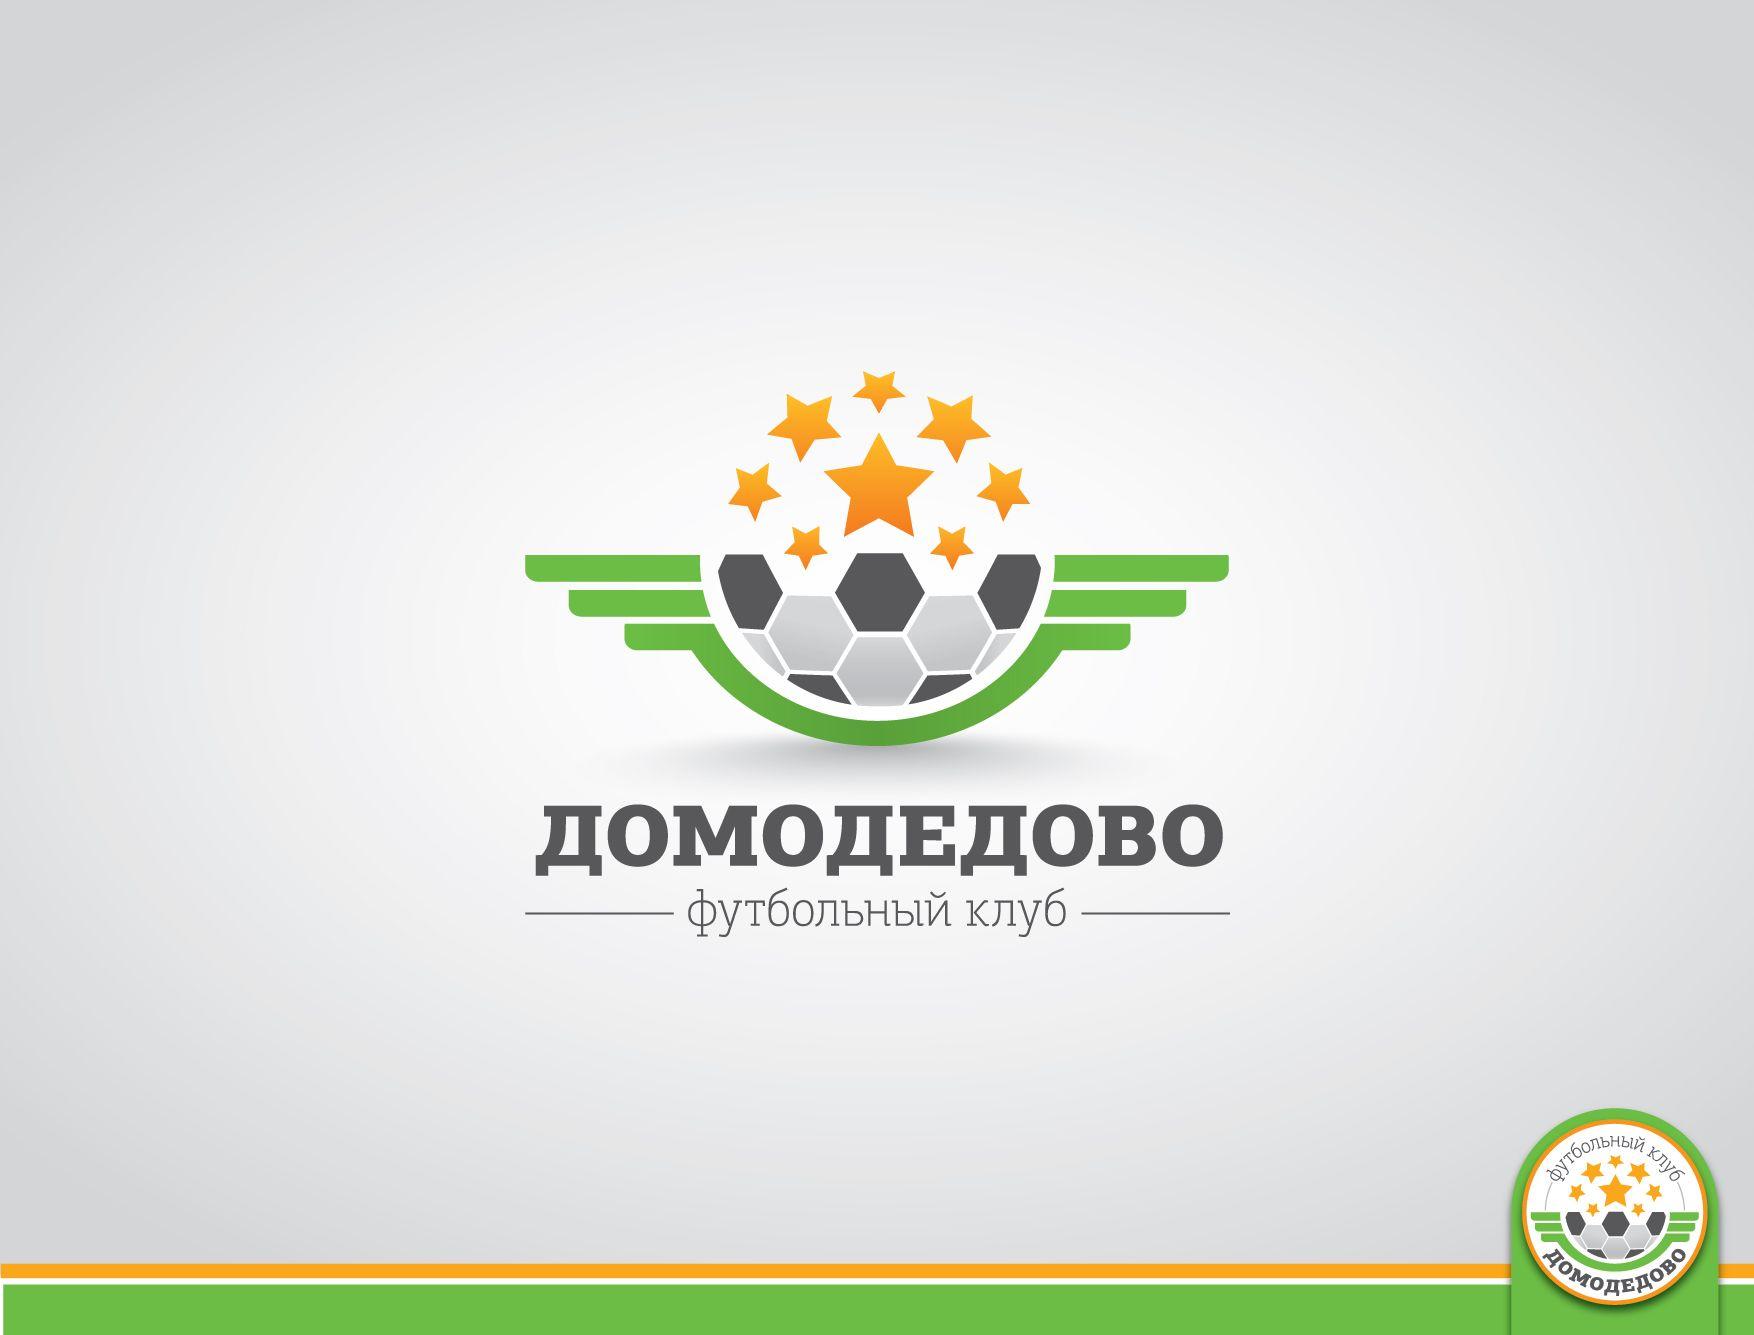 Логотип (Эмблема) для нового Футбольного клуба - дизайнер Cammerariy